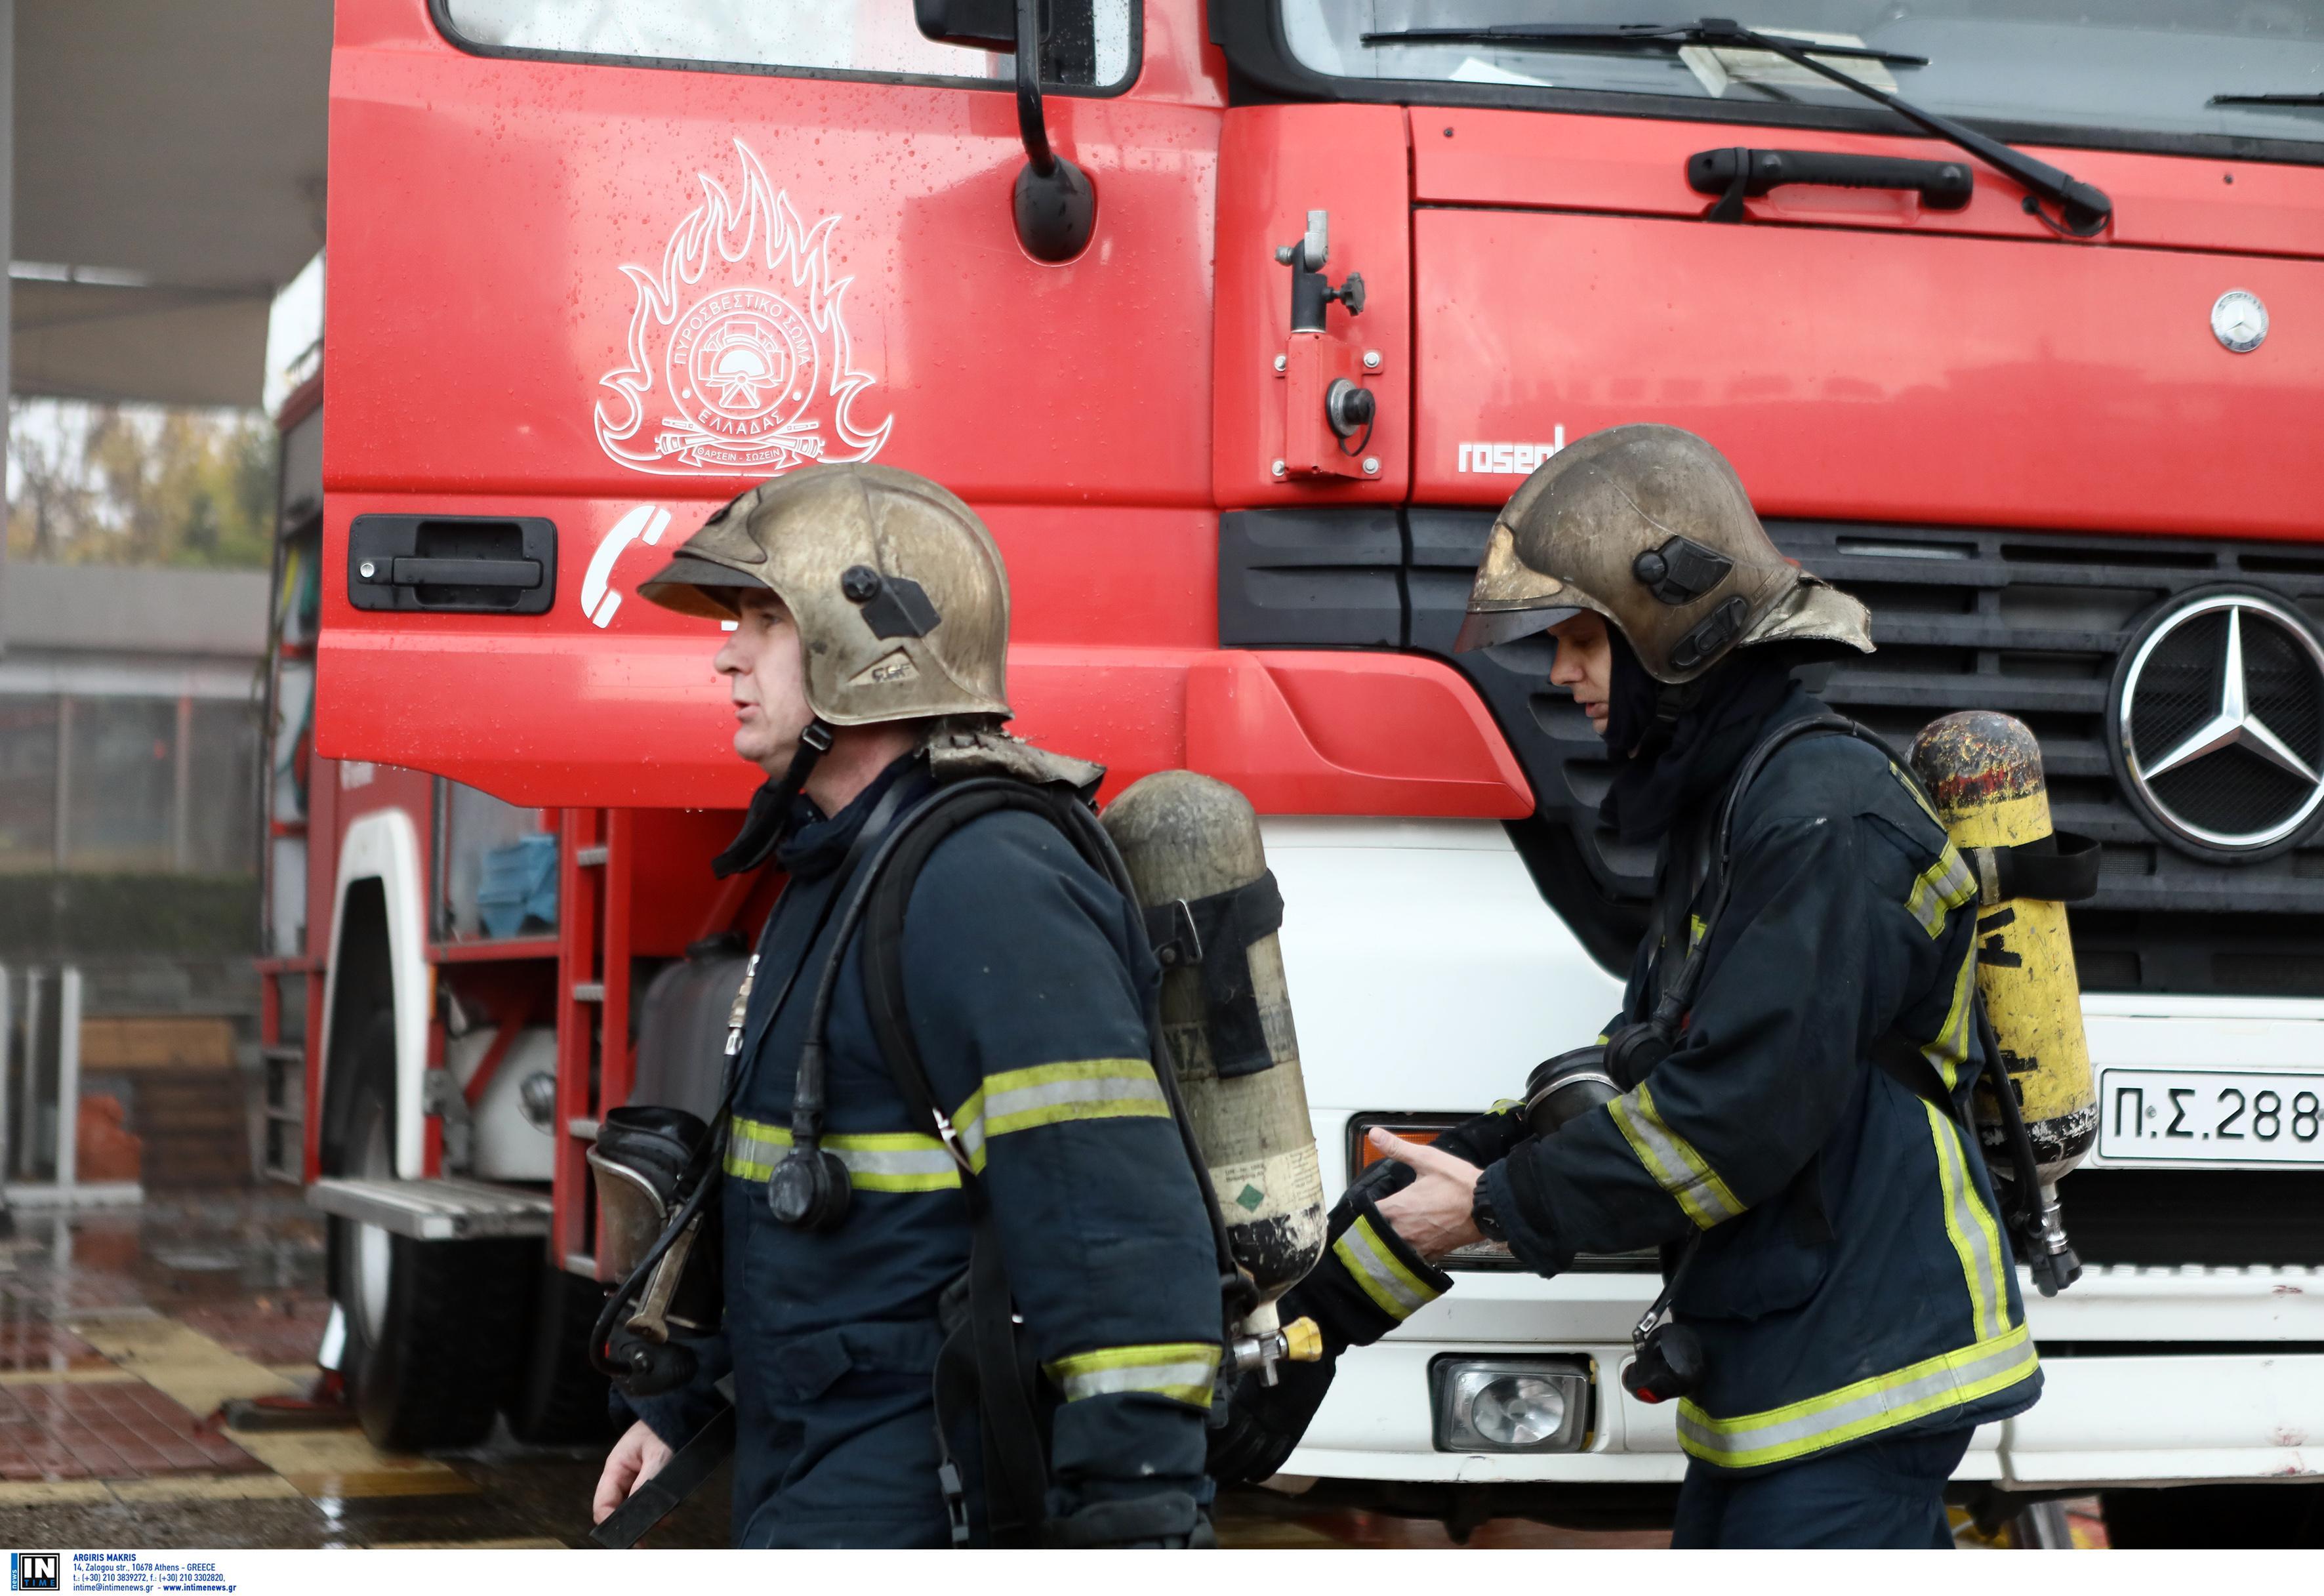 Ξάνθη: Ανατριχιαστικός θάνατος στις φλόγες! Πέθανε αβοήθητος από τη φωτιά στο σπίτι του